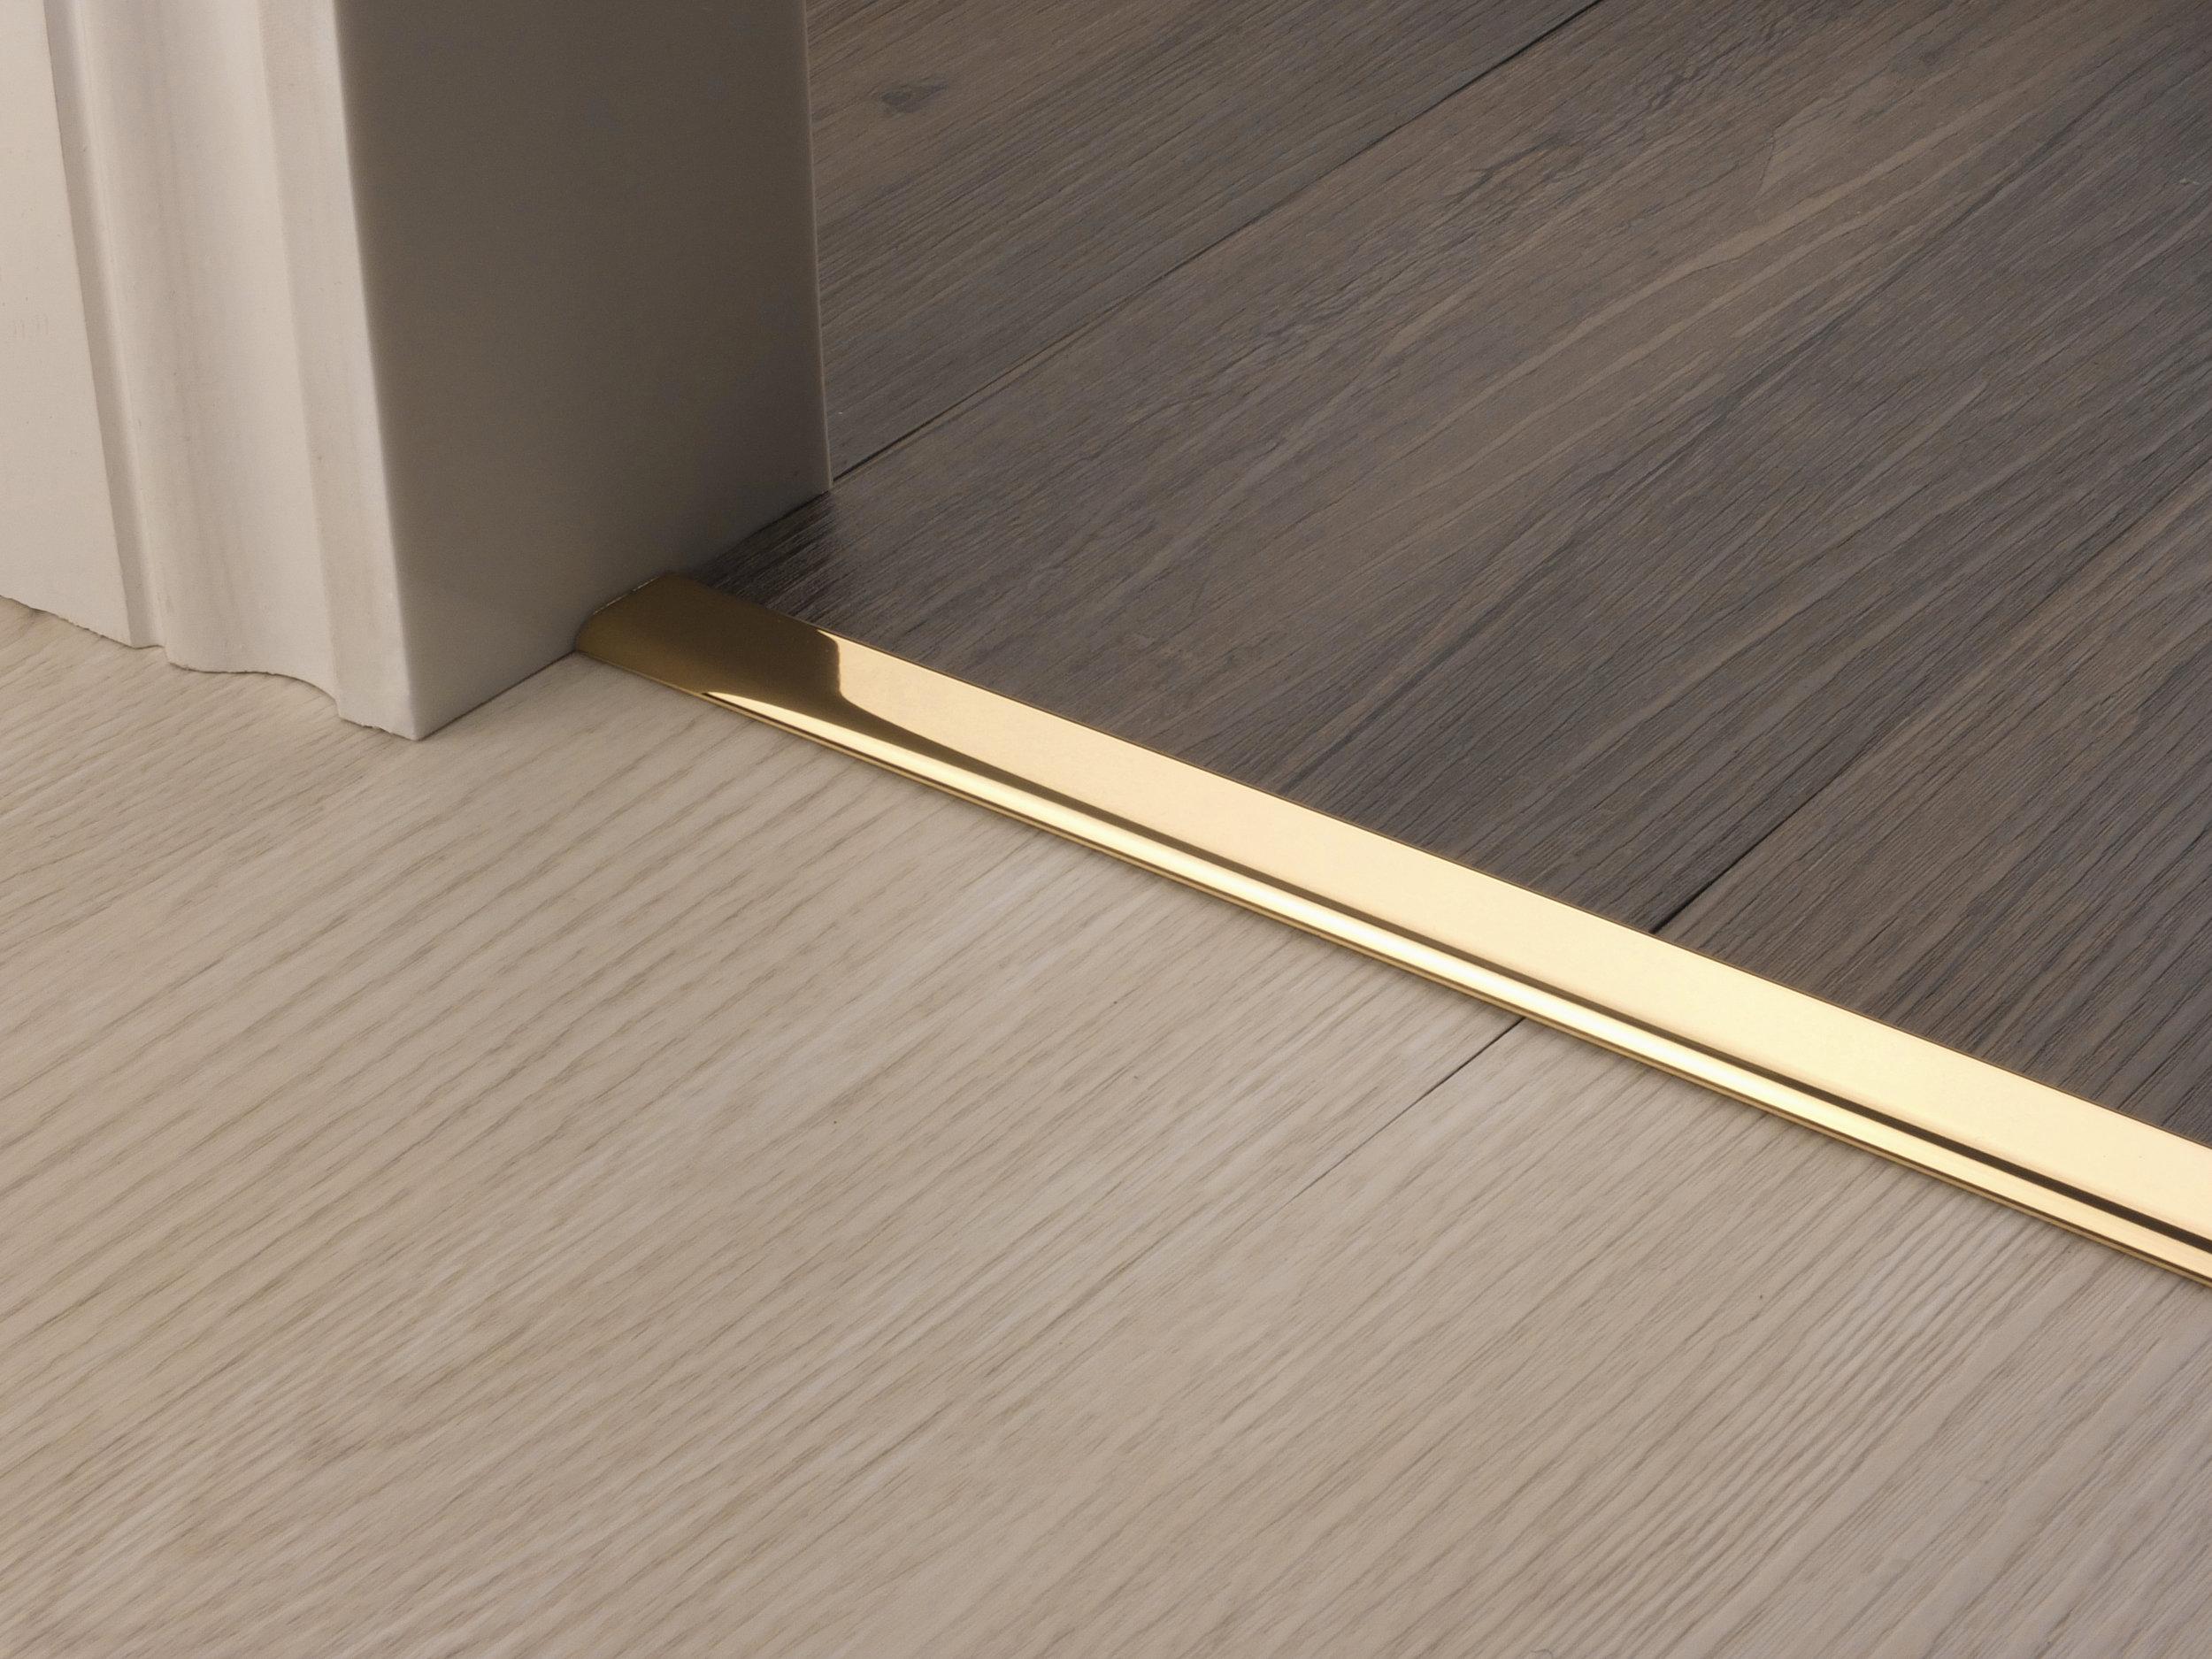 stairrods-doorbar-brass-vinyl-edge.jpg